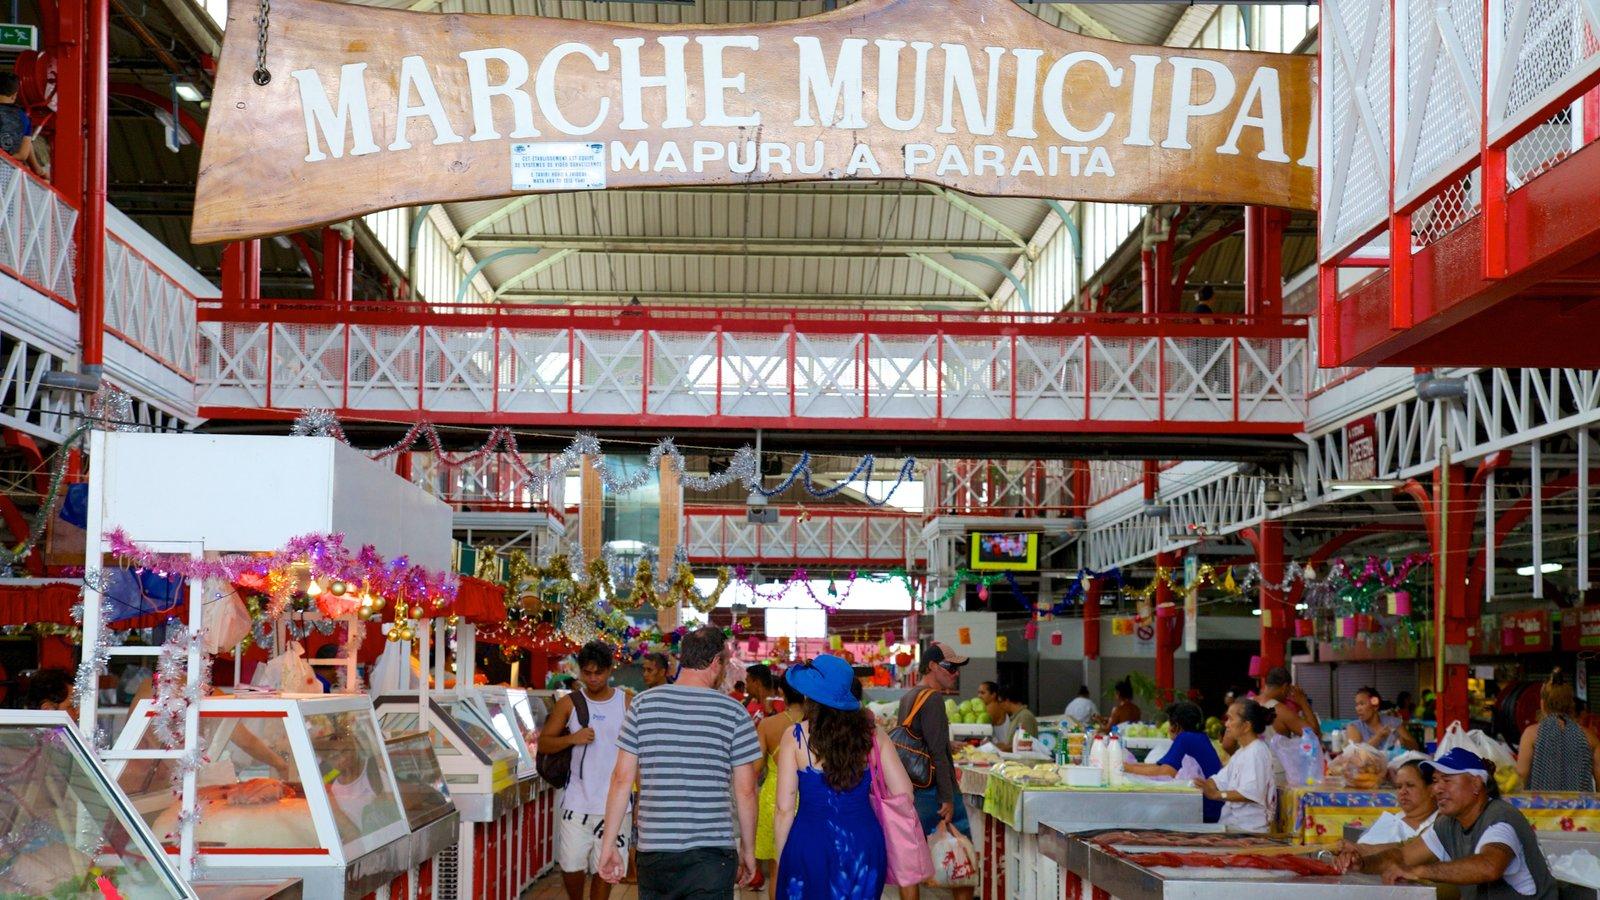 Mercado de Papeete que inclui mercados e sinalização